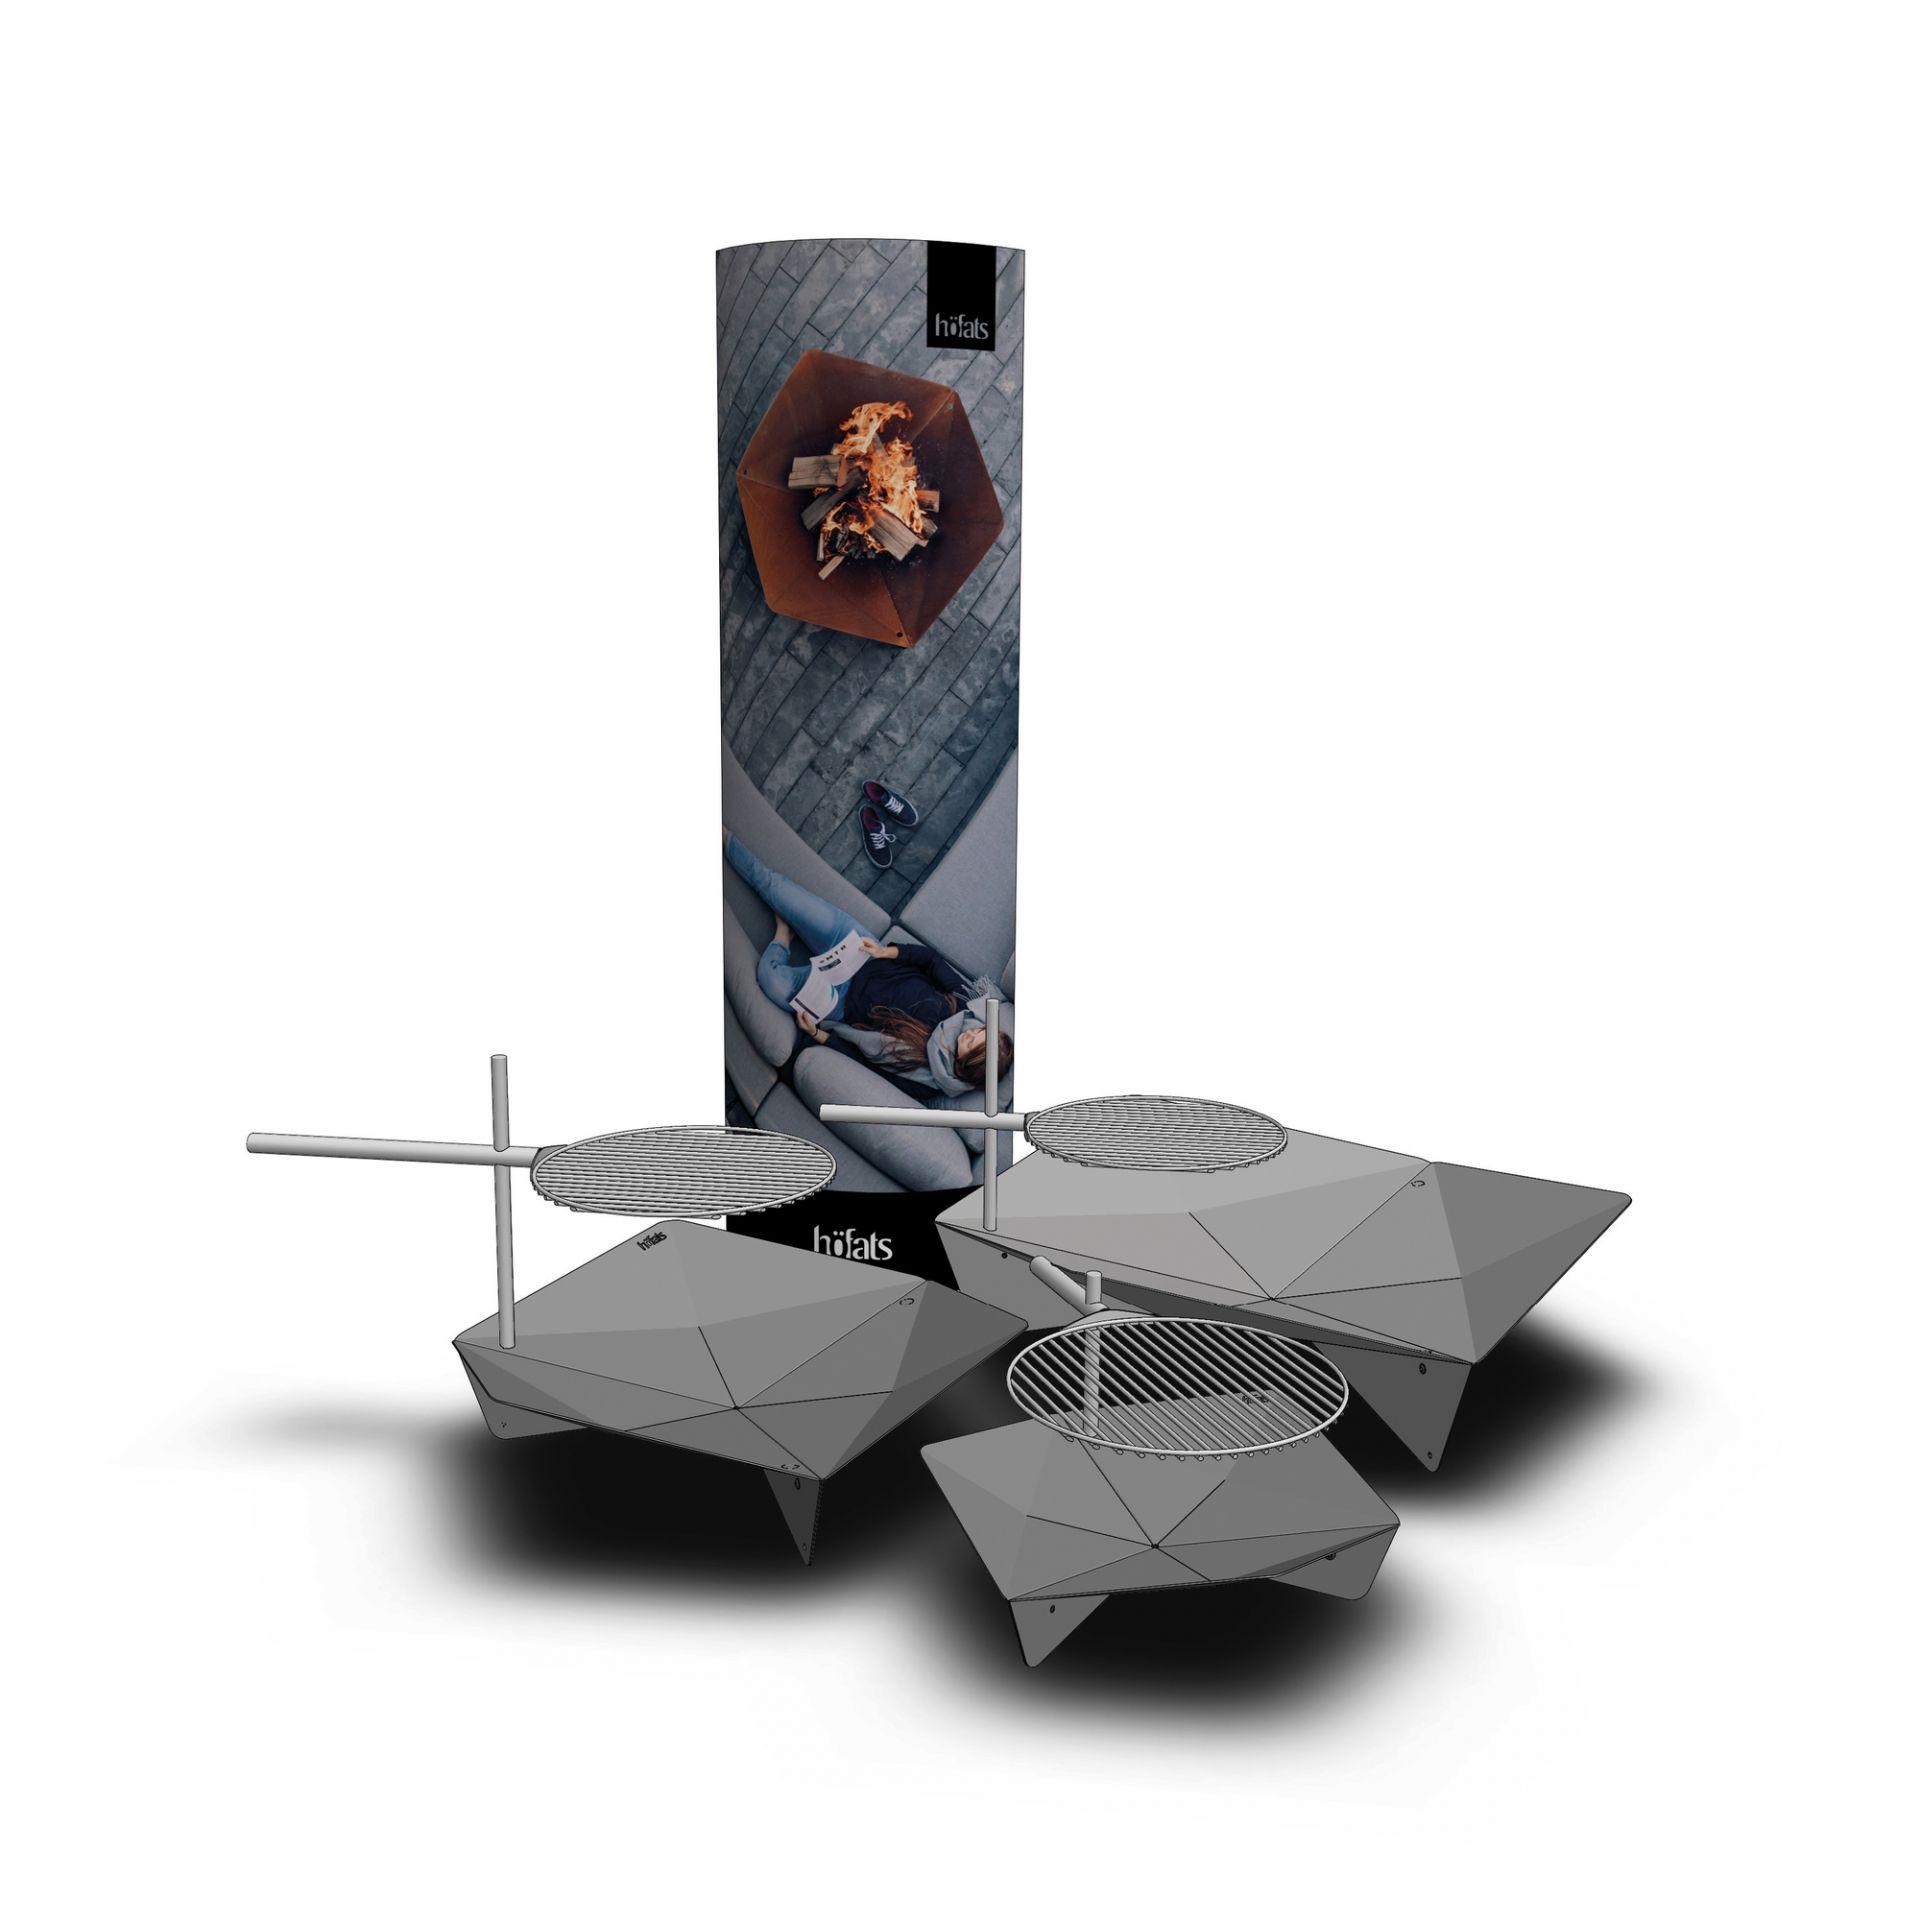 Triple Feuerschale Ø 65 cm höfats